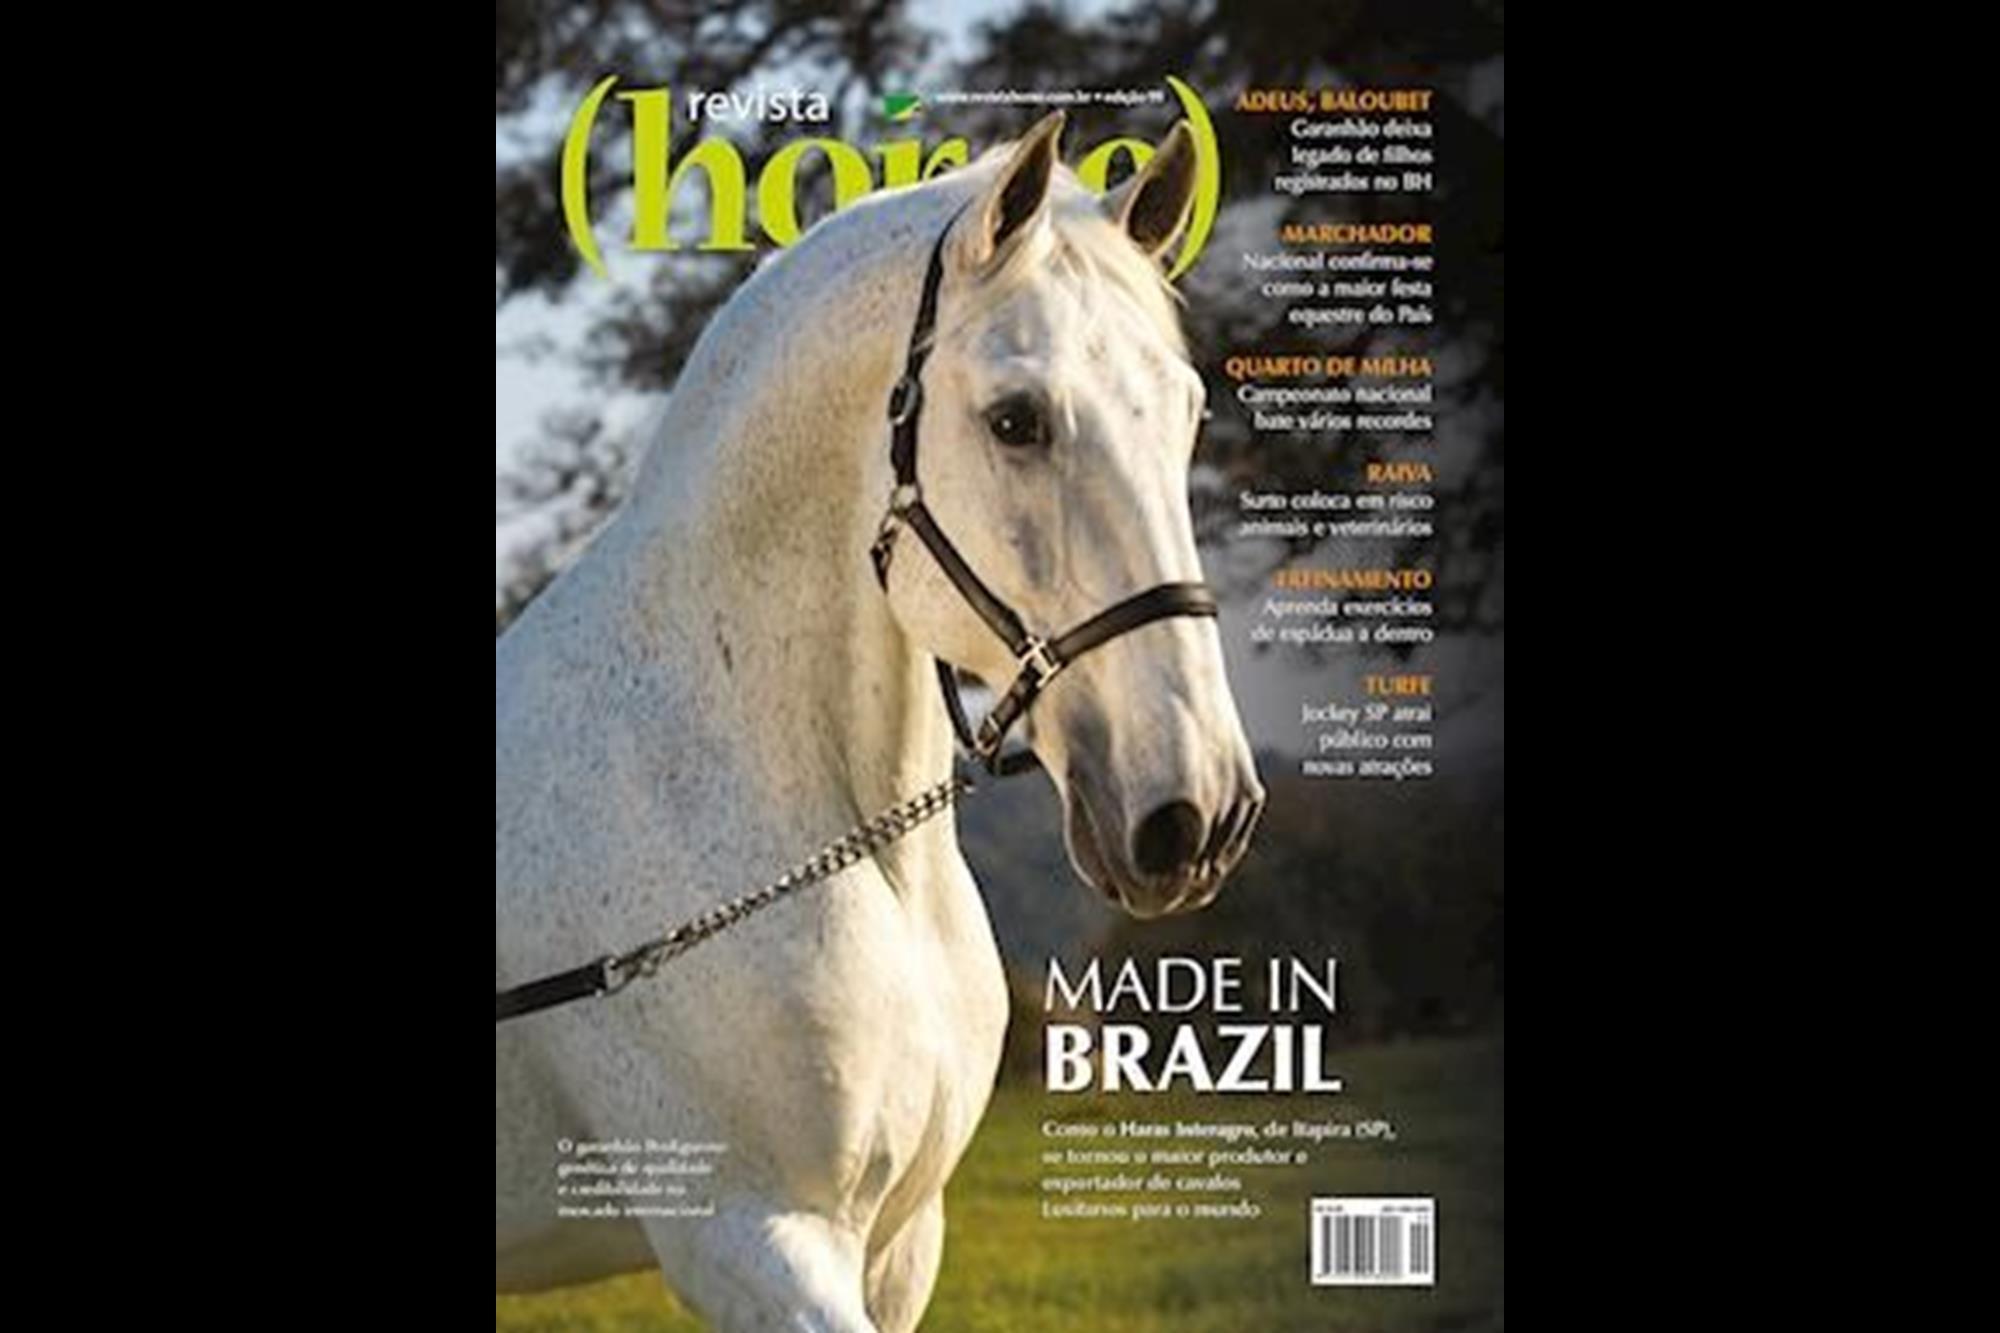 Edição 99 - Campeão categoria Raças, Capa Revista Horse, Tupa Vídeo Foto, Eleja a capa mais bonita